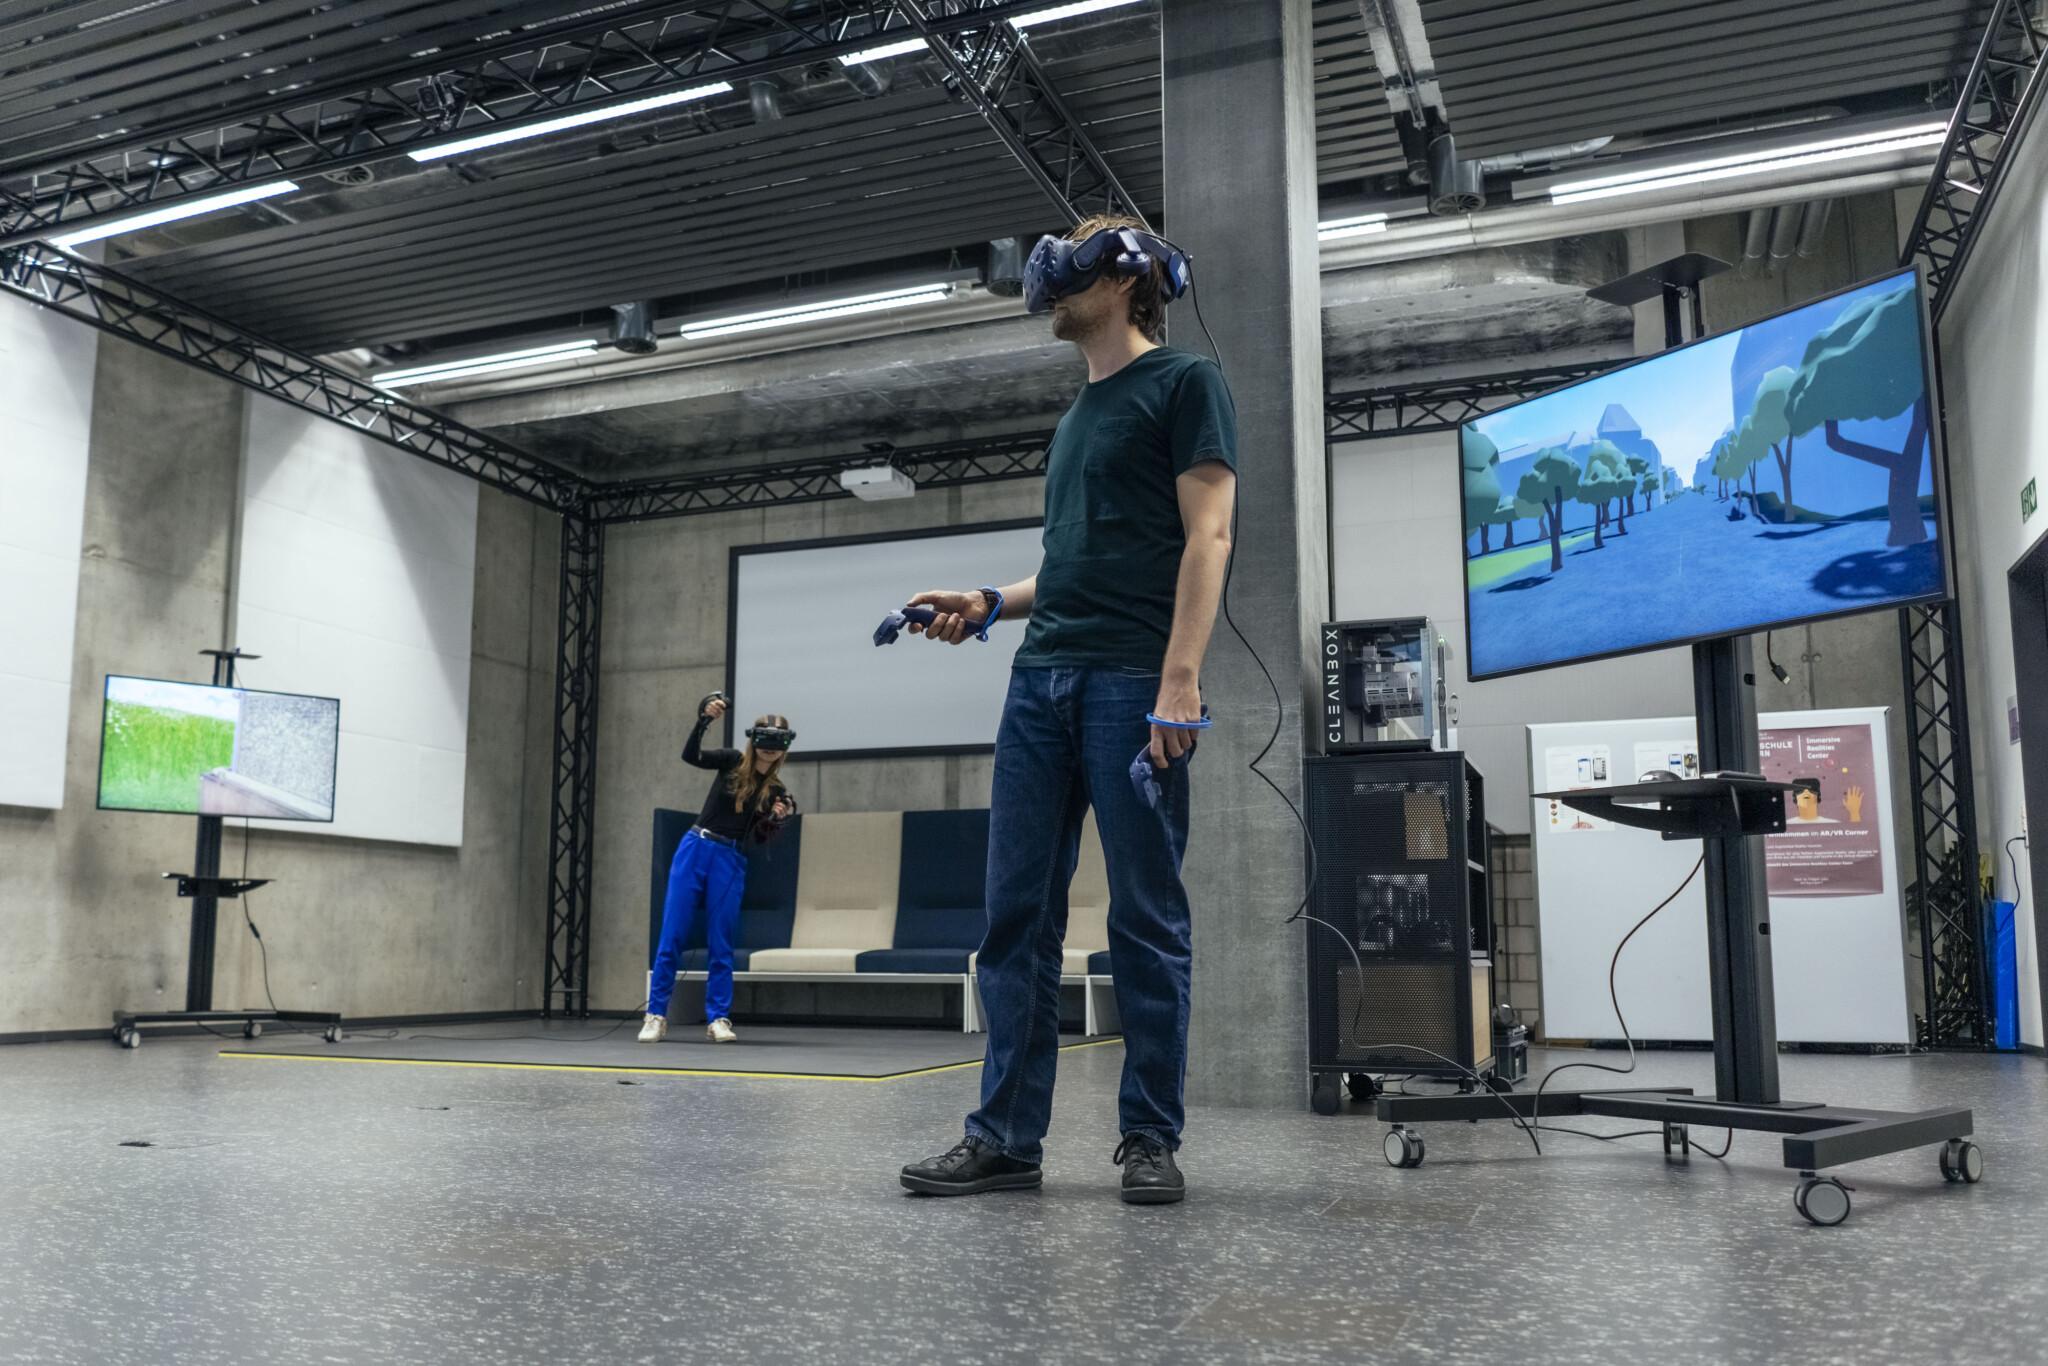 Neues Center bringt AR und VR zu KMU und Schulen